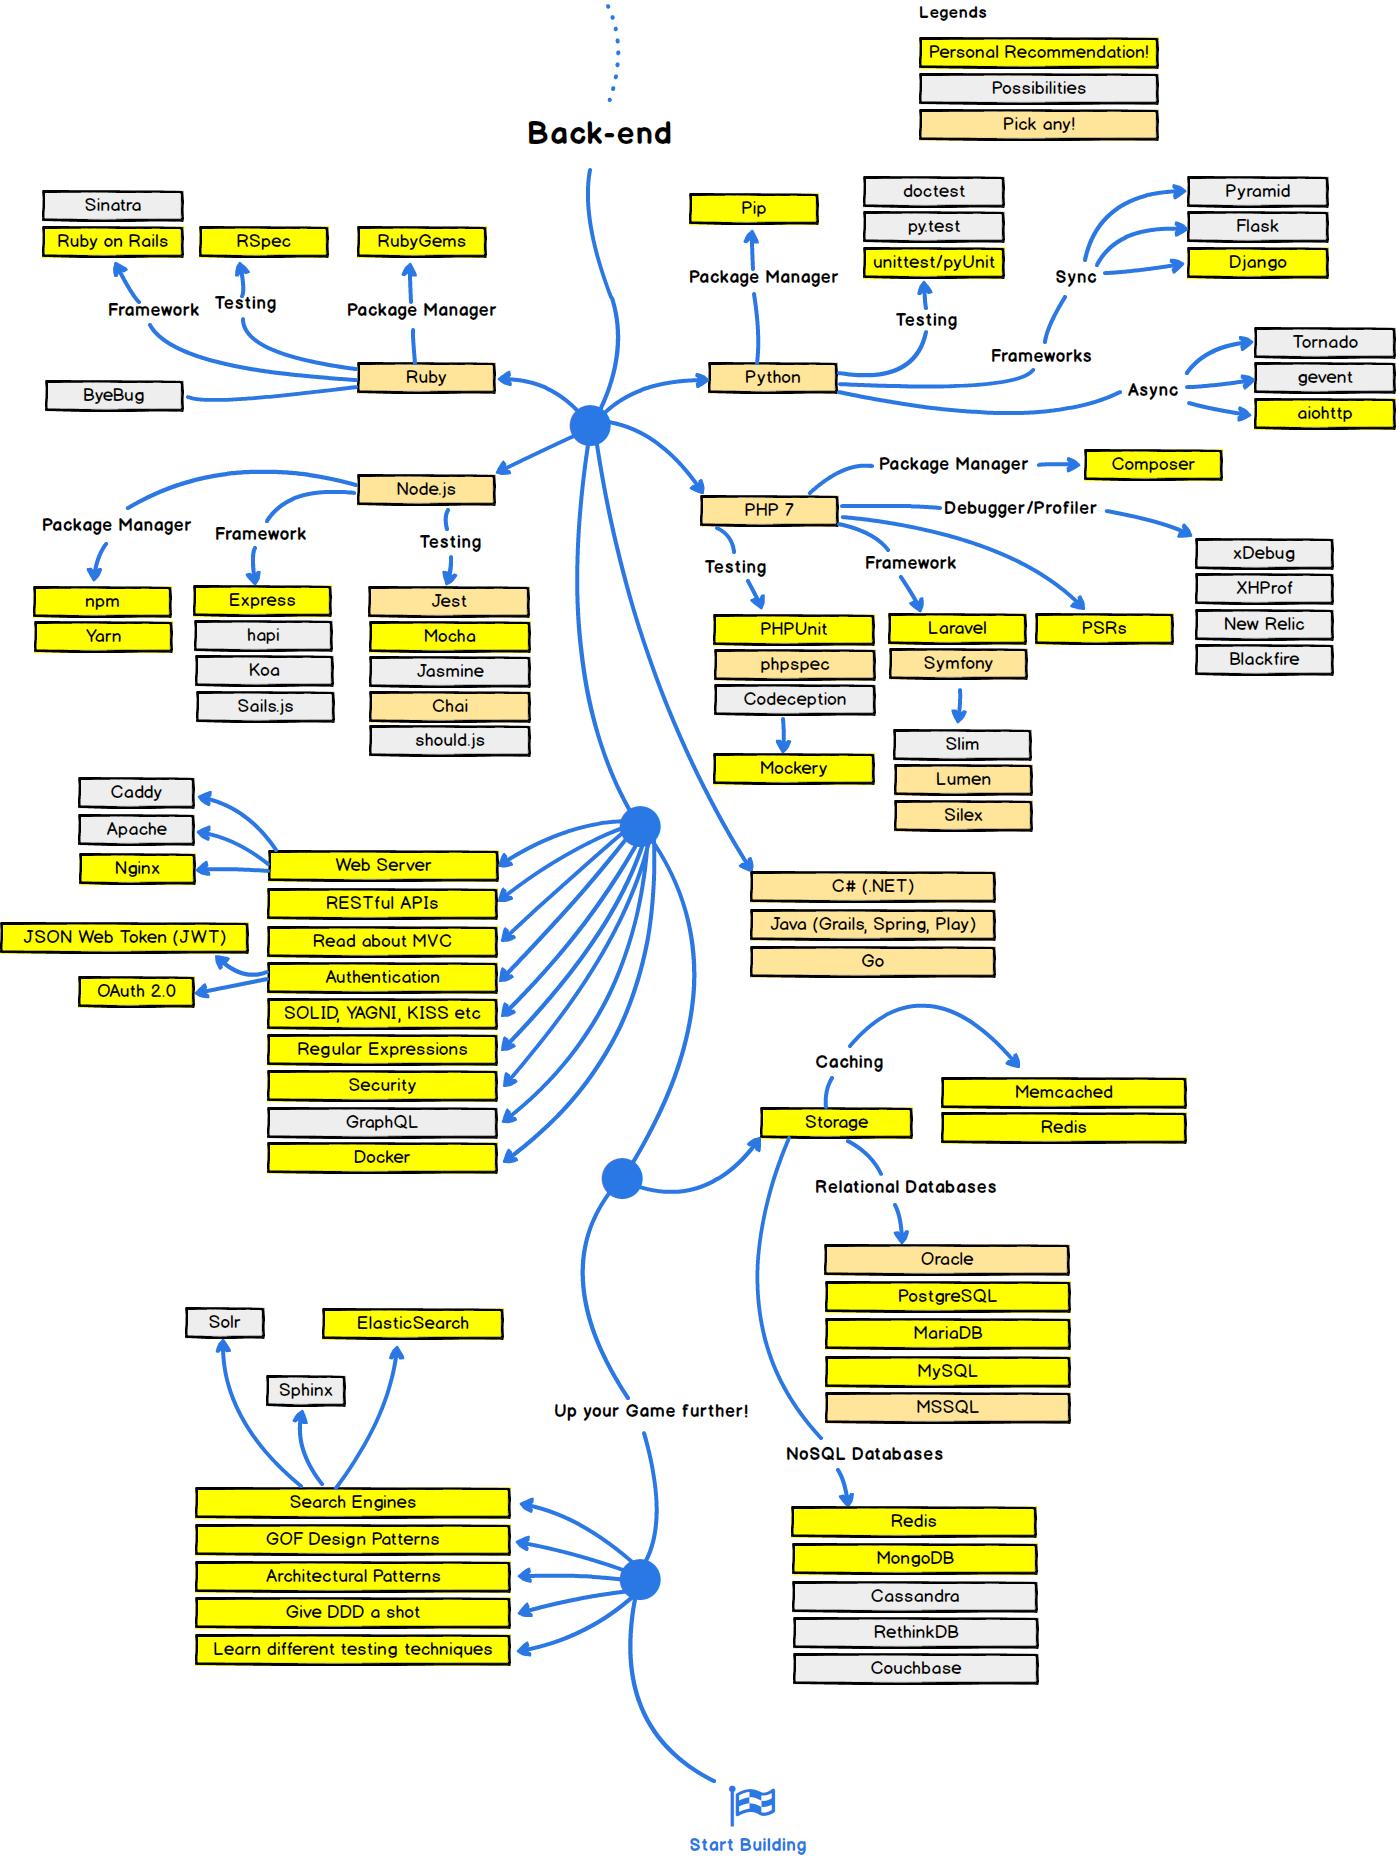 """""""back-end developer roadmap in 2017"""""""